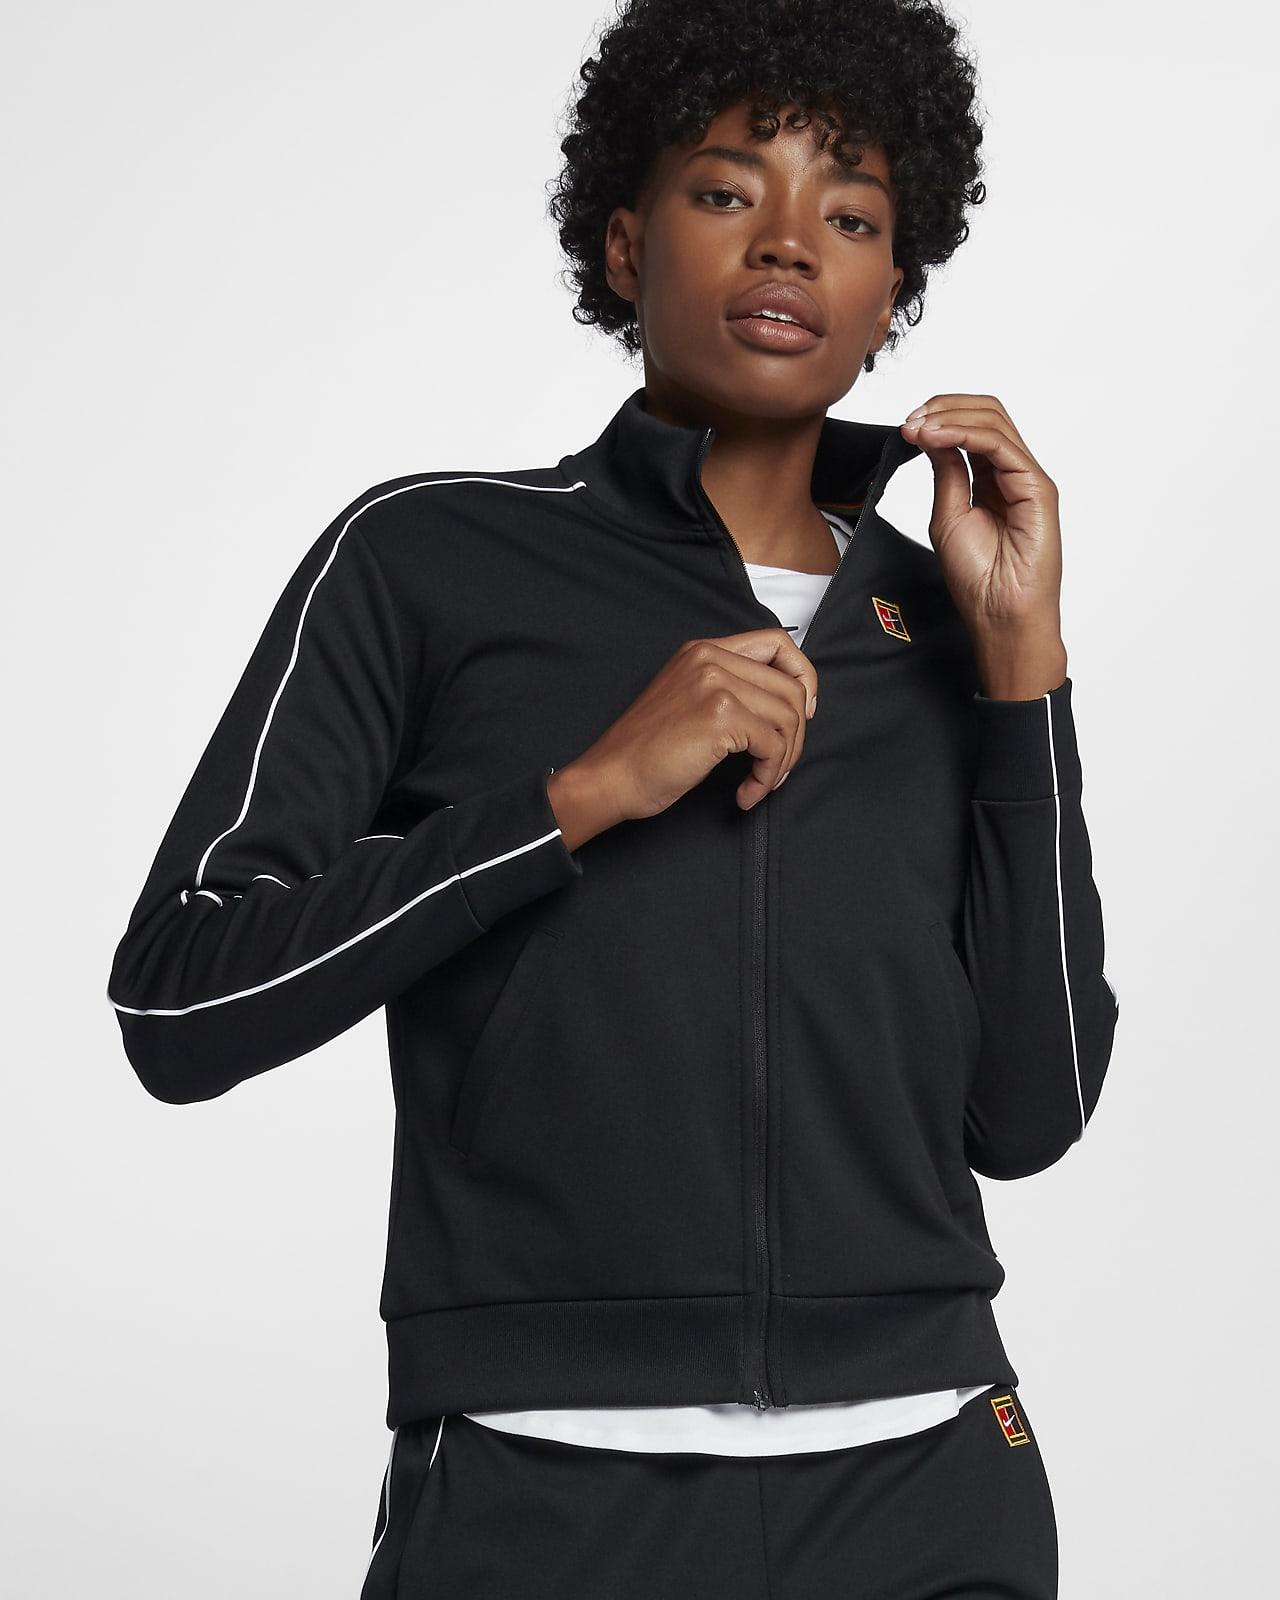 NikeCourt Tennisjack voor dames